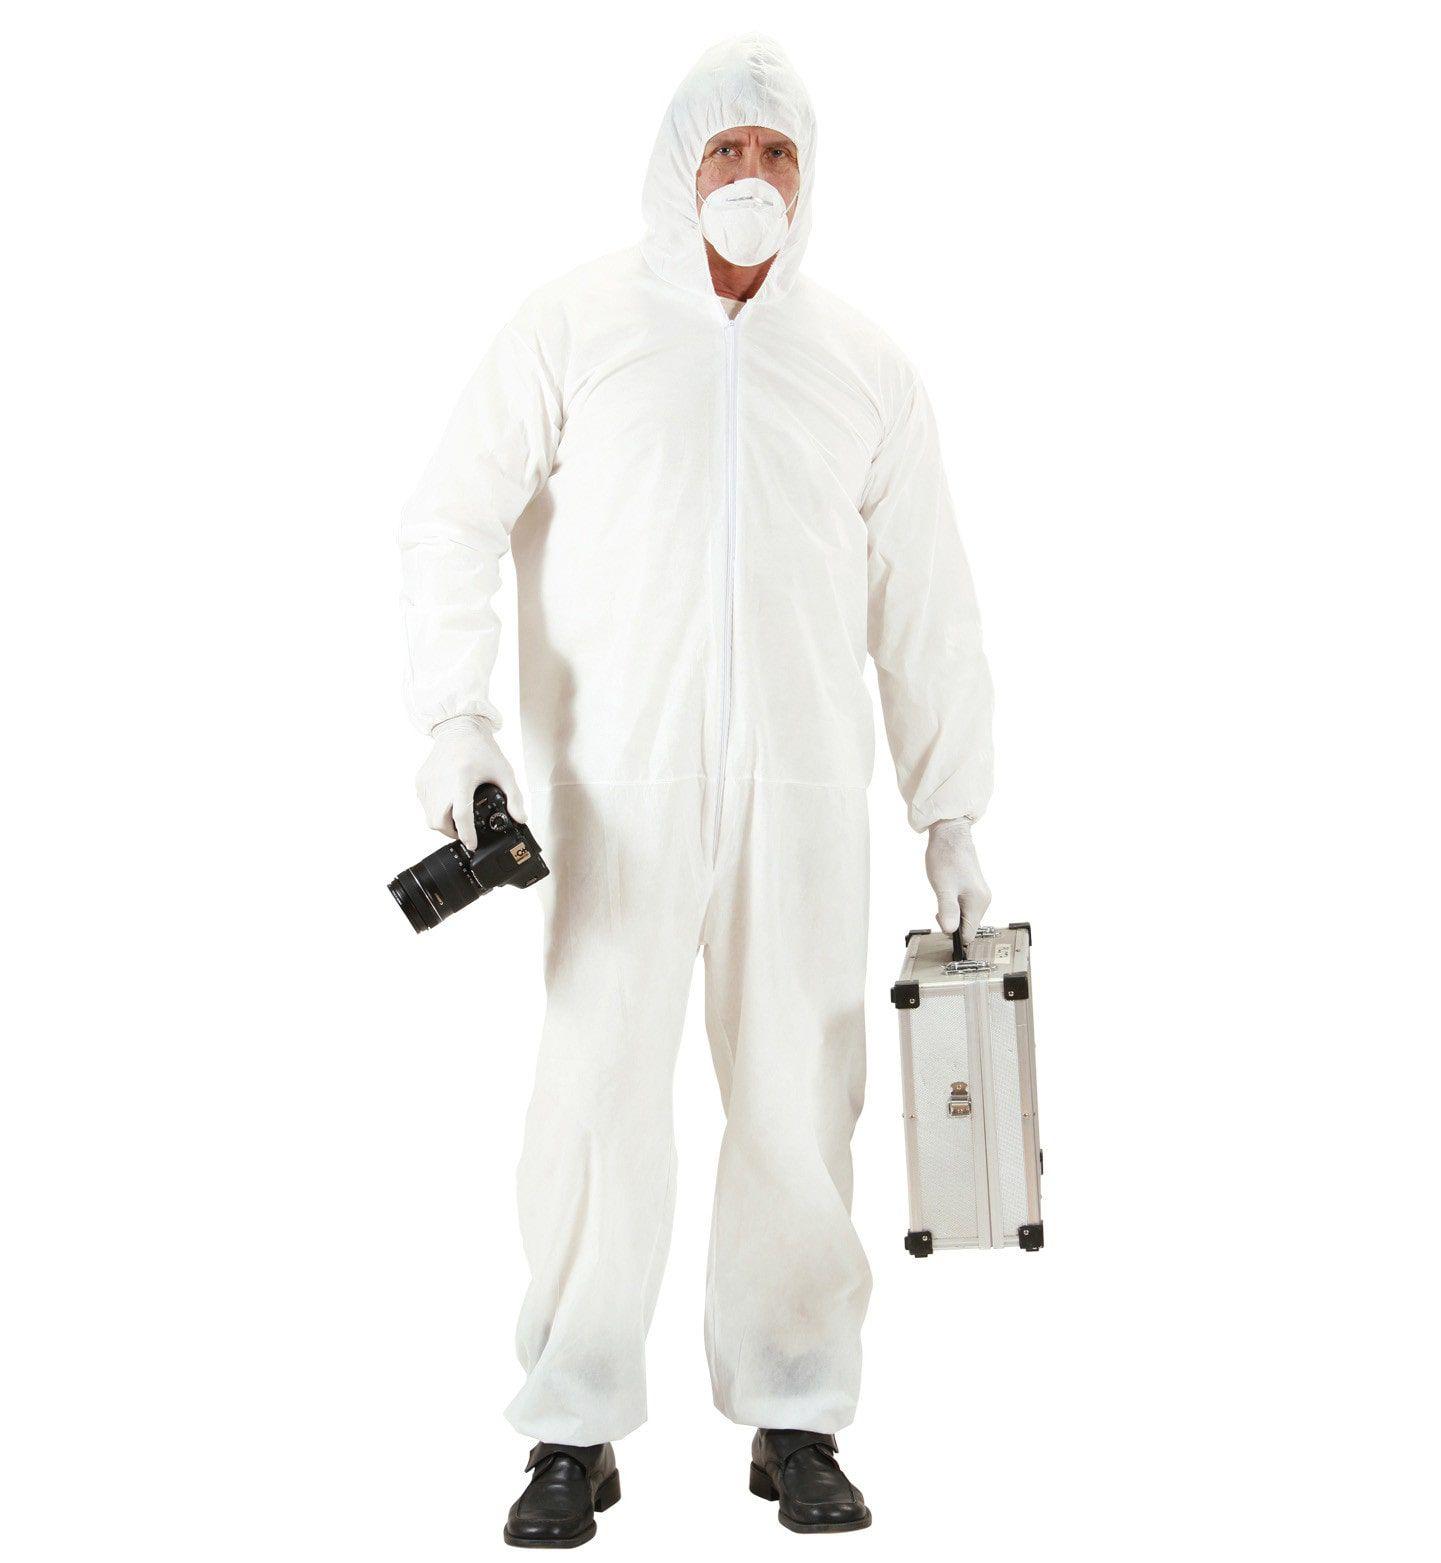 Csi Plaats Delict Onderzoeker Kostuum Man